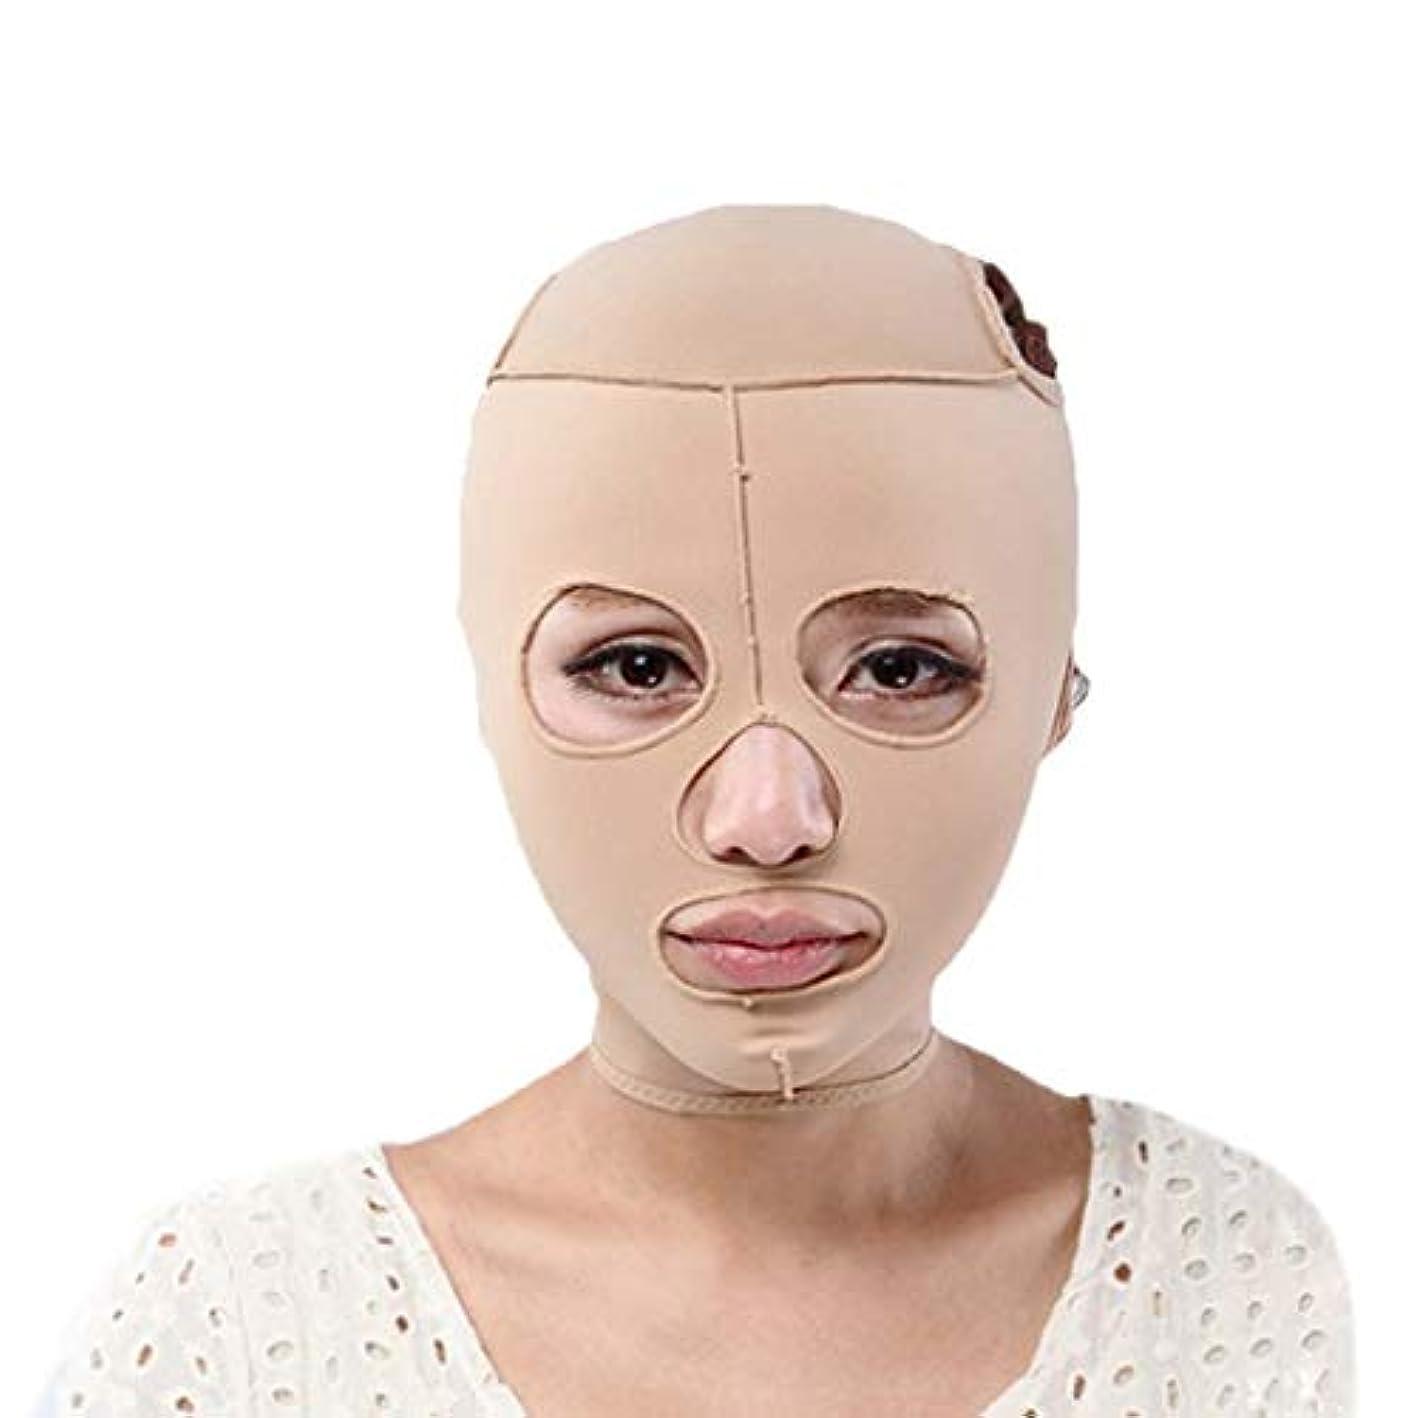 物理学者想定対称チンストラップ、顔の減量アンチシワマスク、快適な通気性マスク付きオールインクルーシブフェイス、薄型フェイスマスクリフティング包帯引き締め(サイズ:S),L